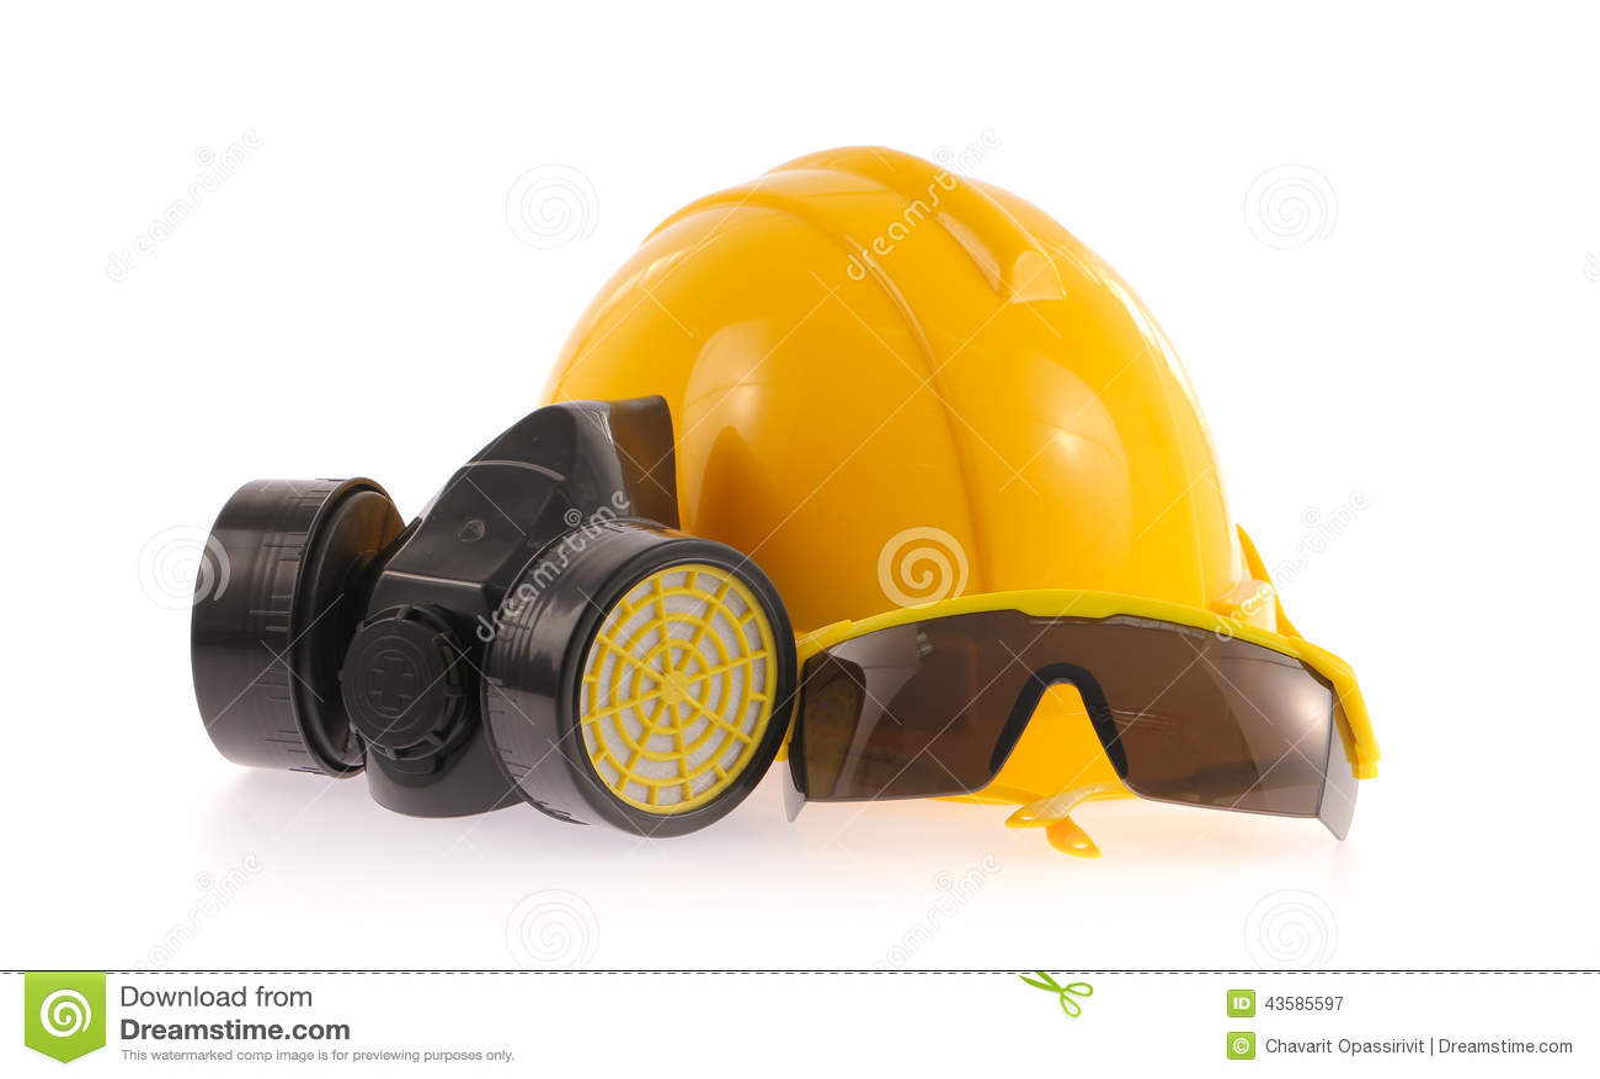 Collection de casque, masque protecteur et protection oculaire chimique ou  lunettes sur le fond blanc 7691a2f85dd1